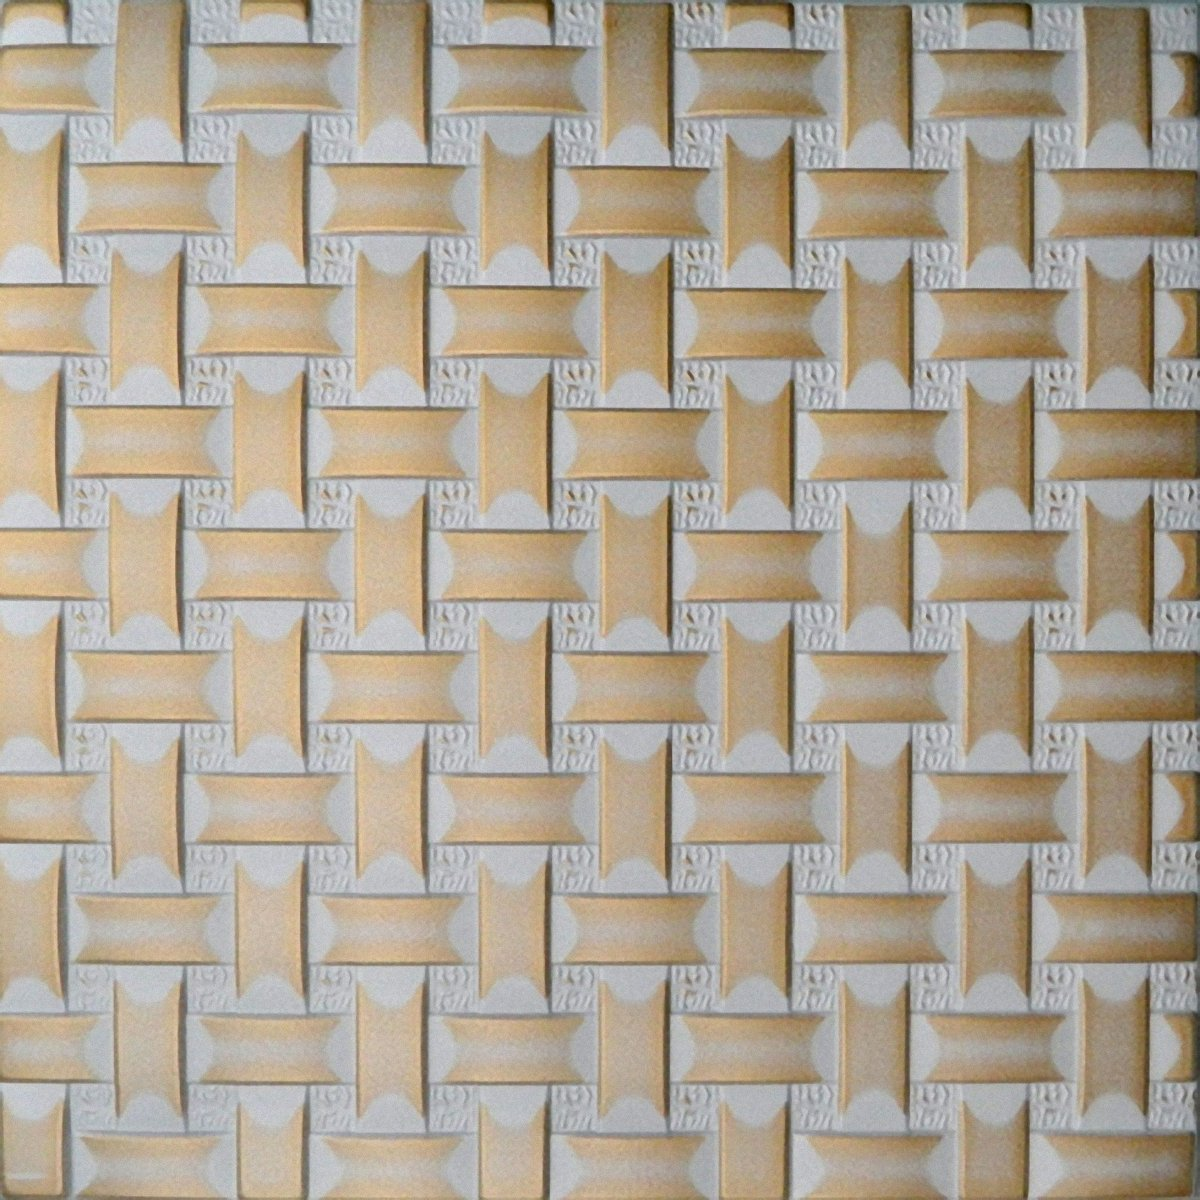 oro 500 x 500 mm Pintado a mano de espuma de poliestireno techo Retro 64 blanco